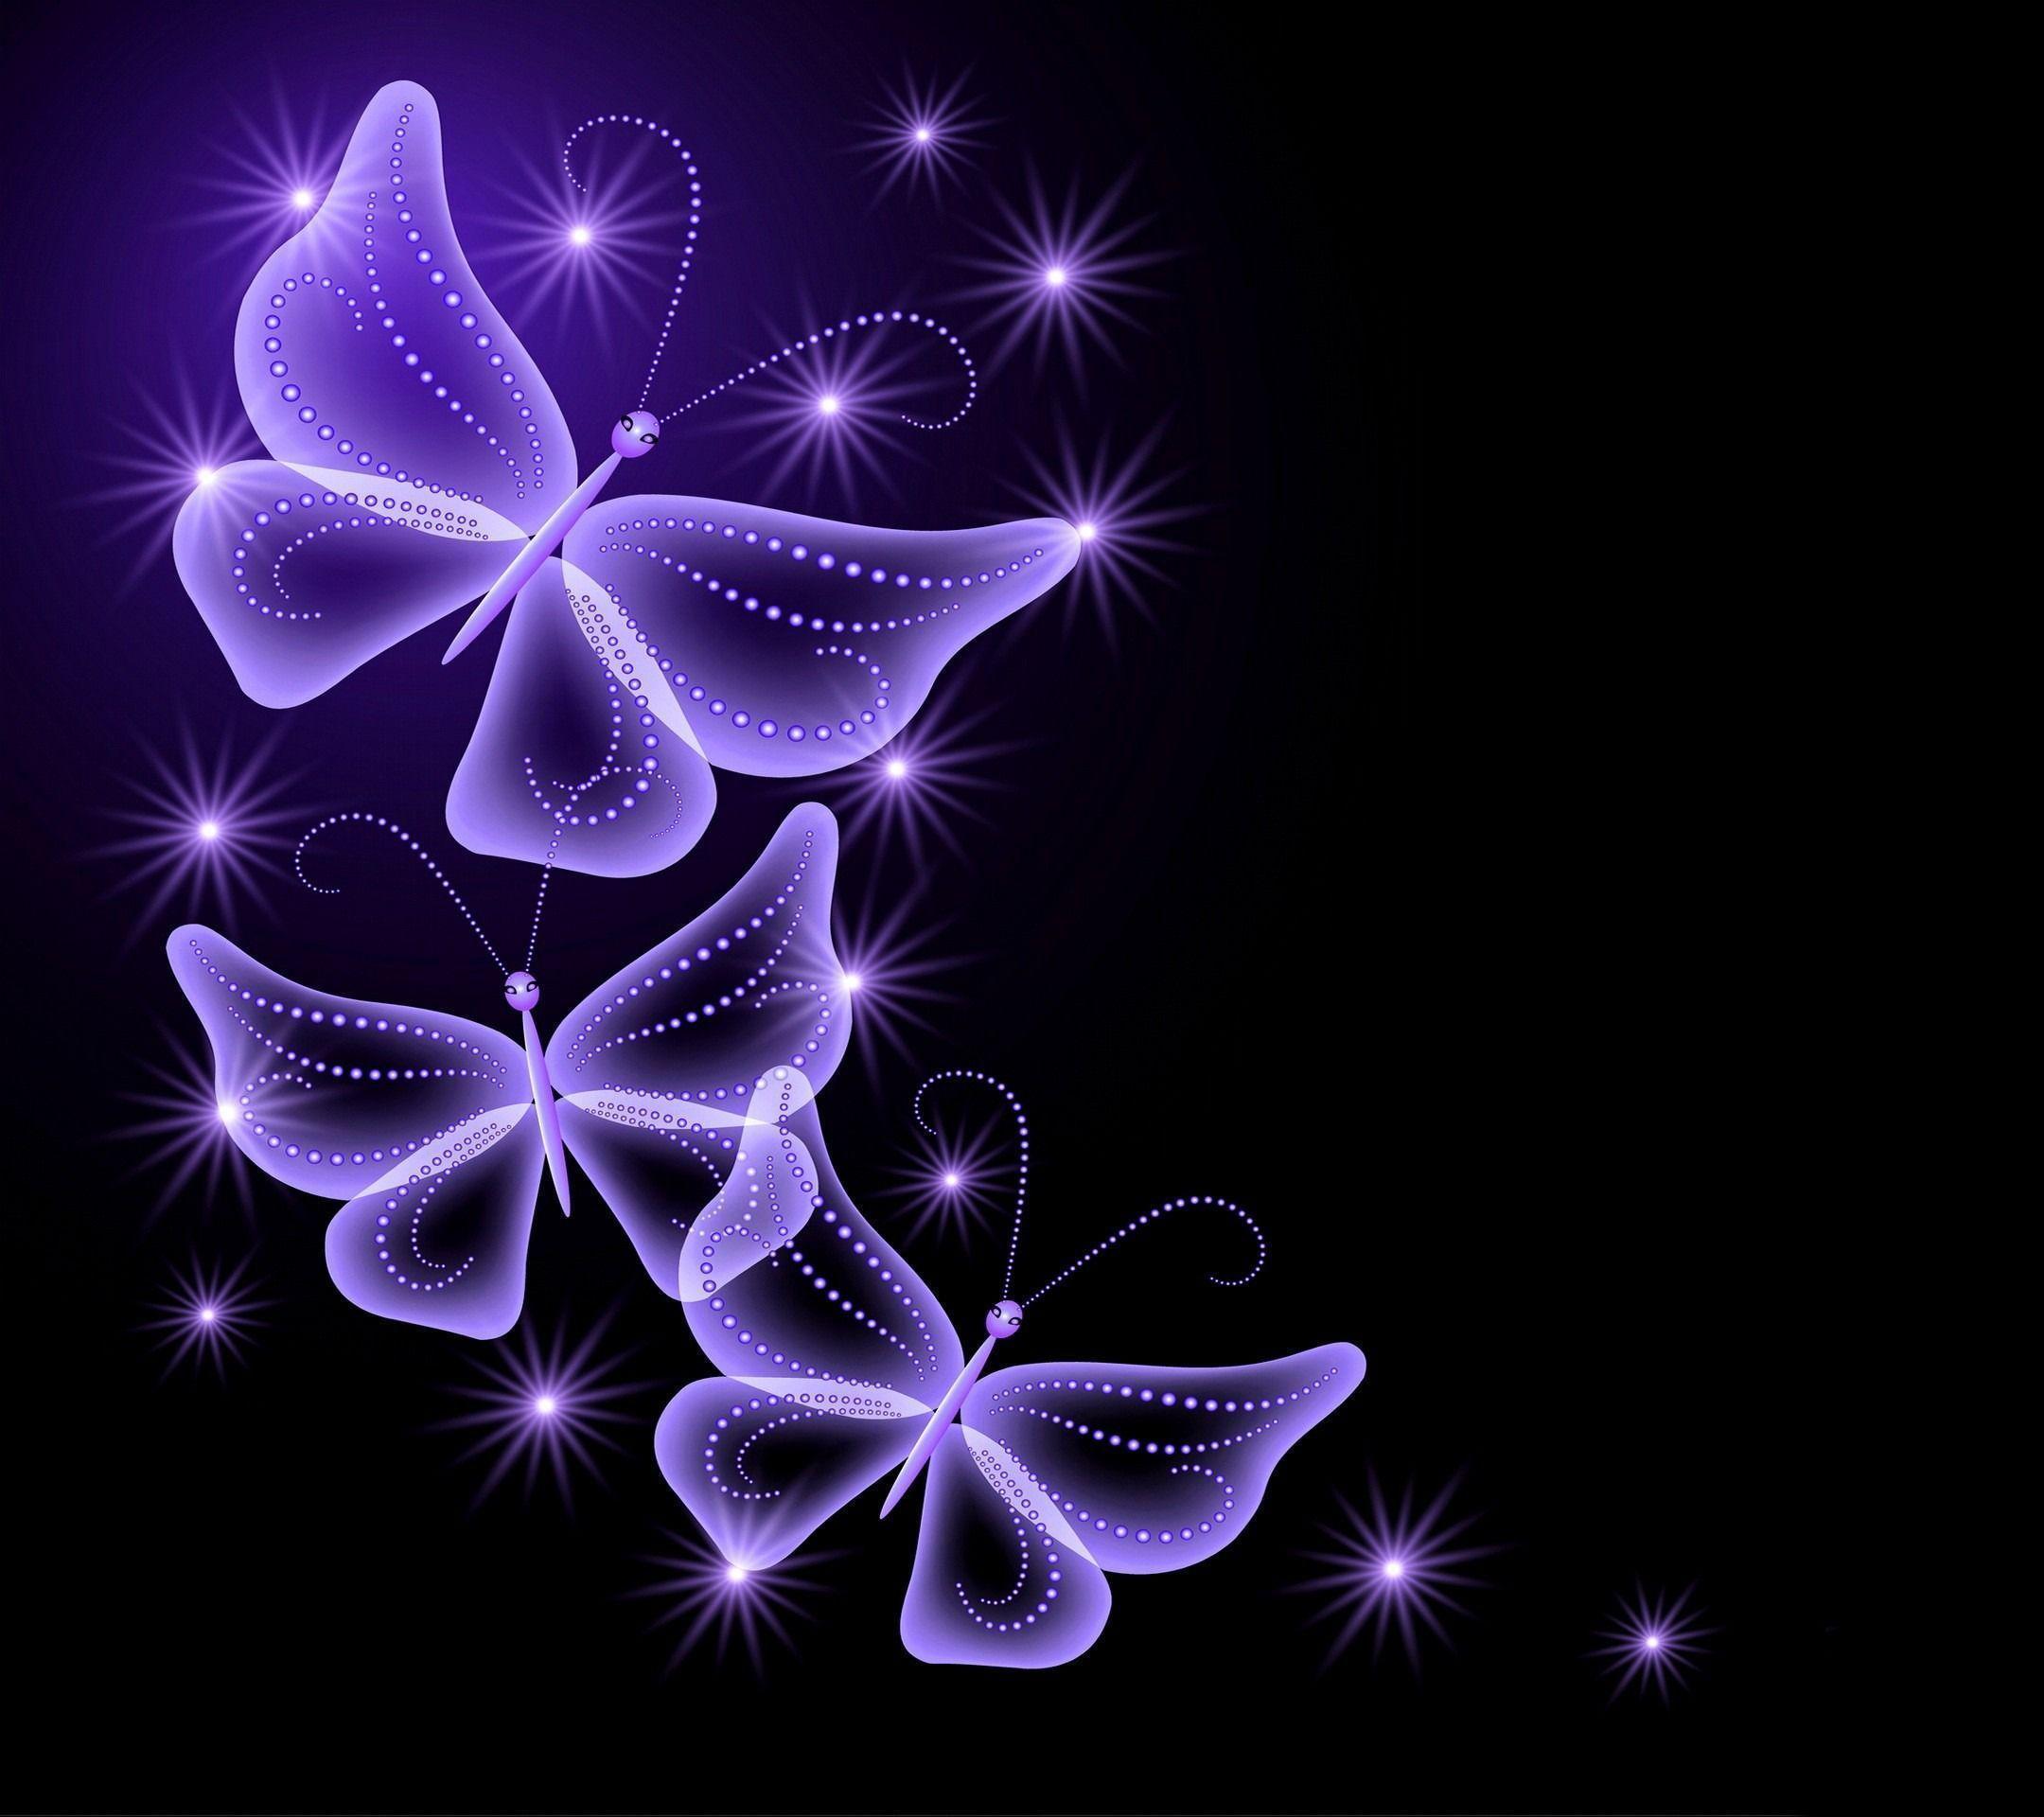 Purple butterfly wallpaper - photo#38